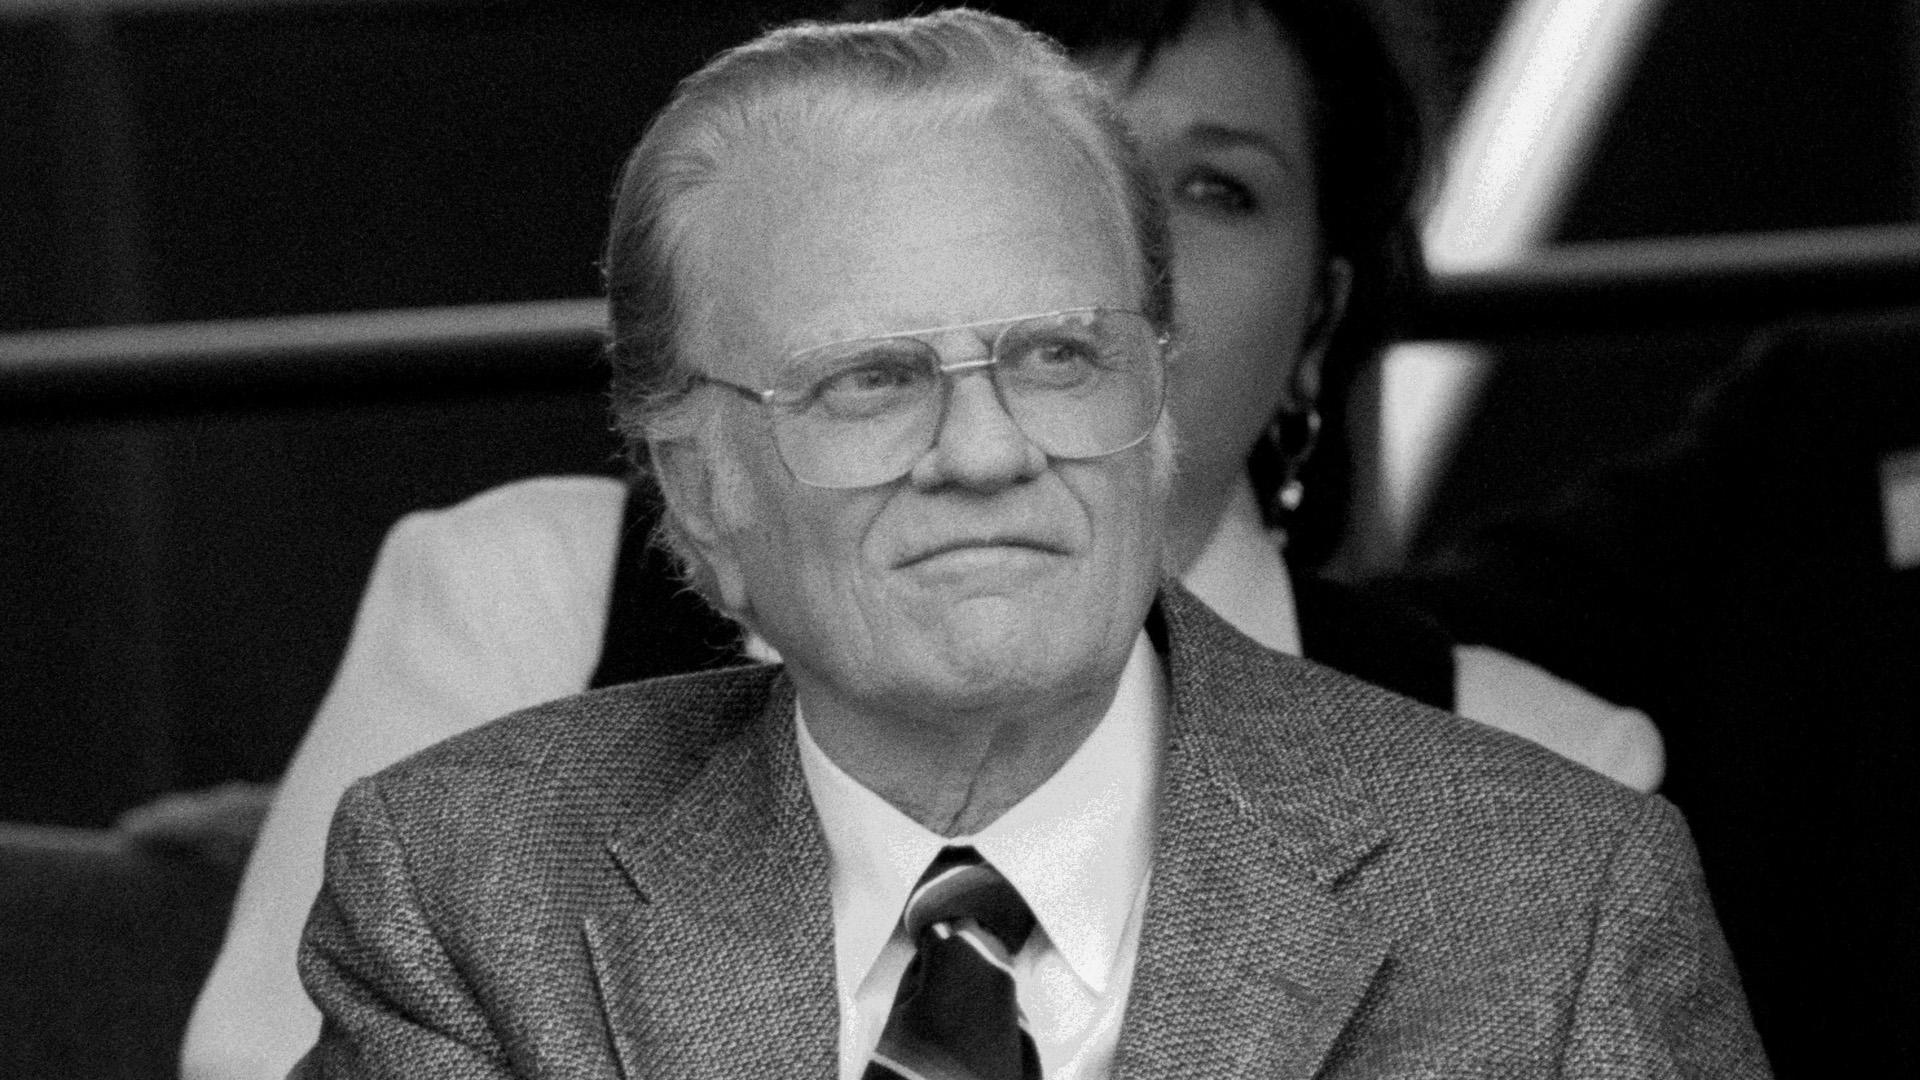 Billy Graham hinterlässt fünf Kinder, 19 Enkel und zahlreiche Urenkel